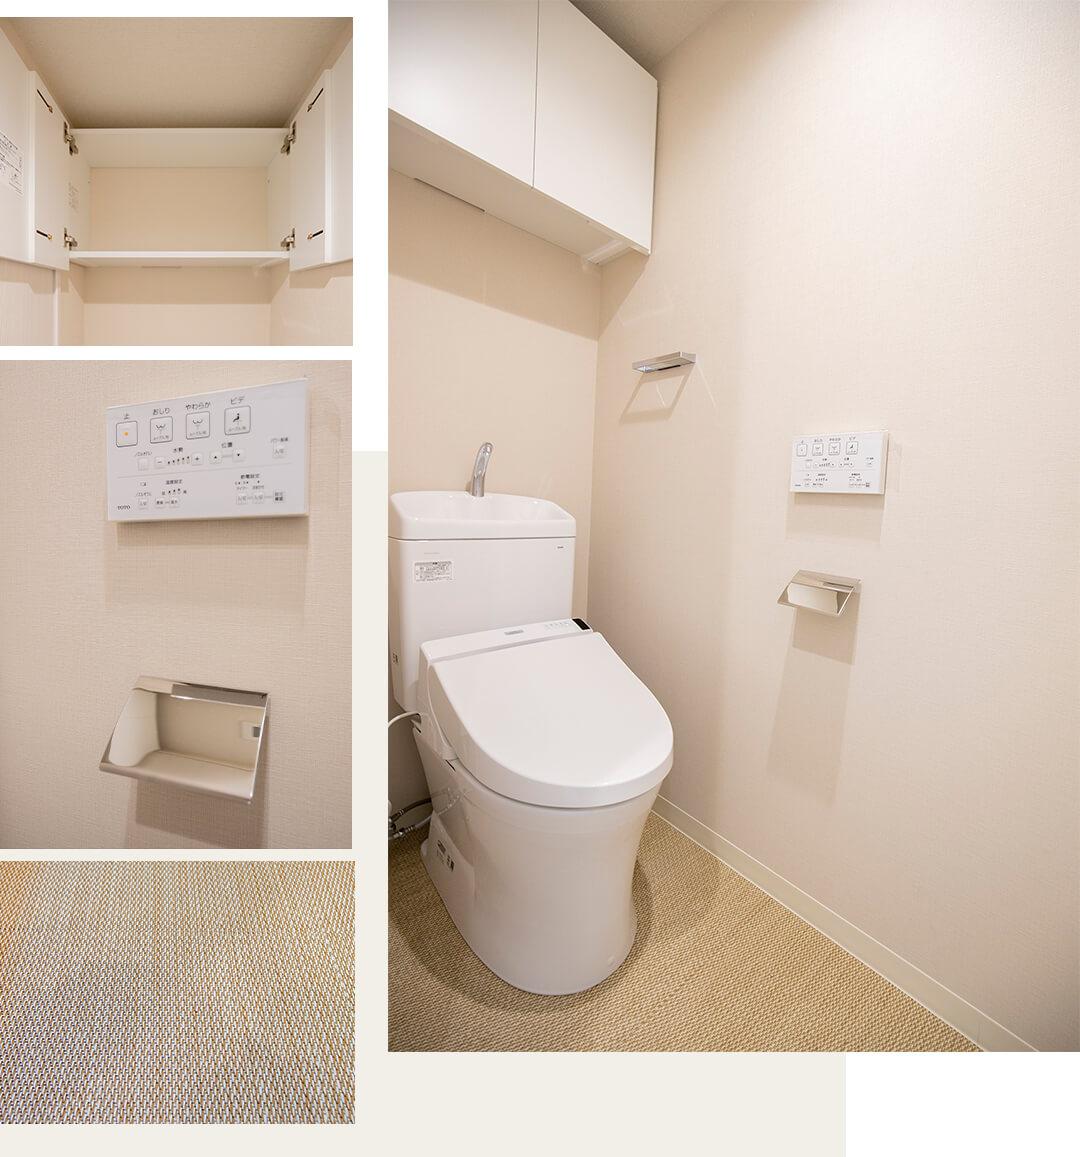 アビテ市ヶ谷仲之町のトイレ